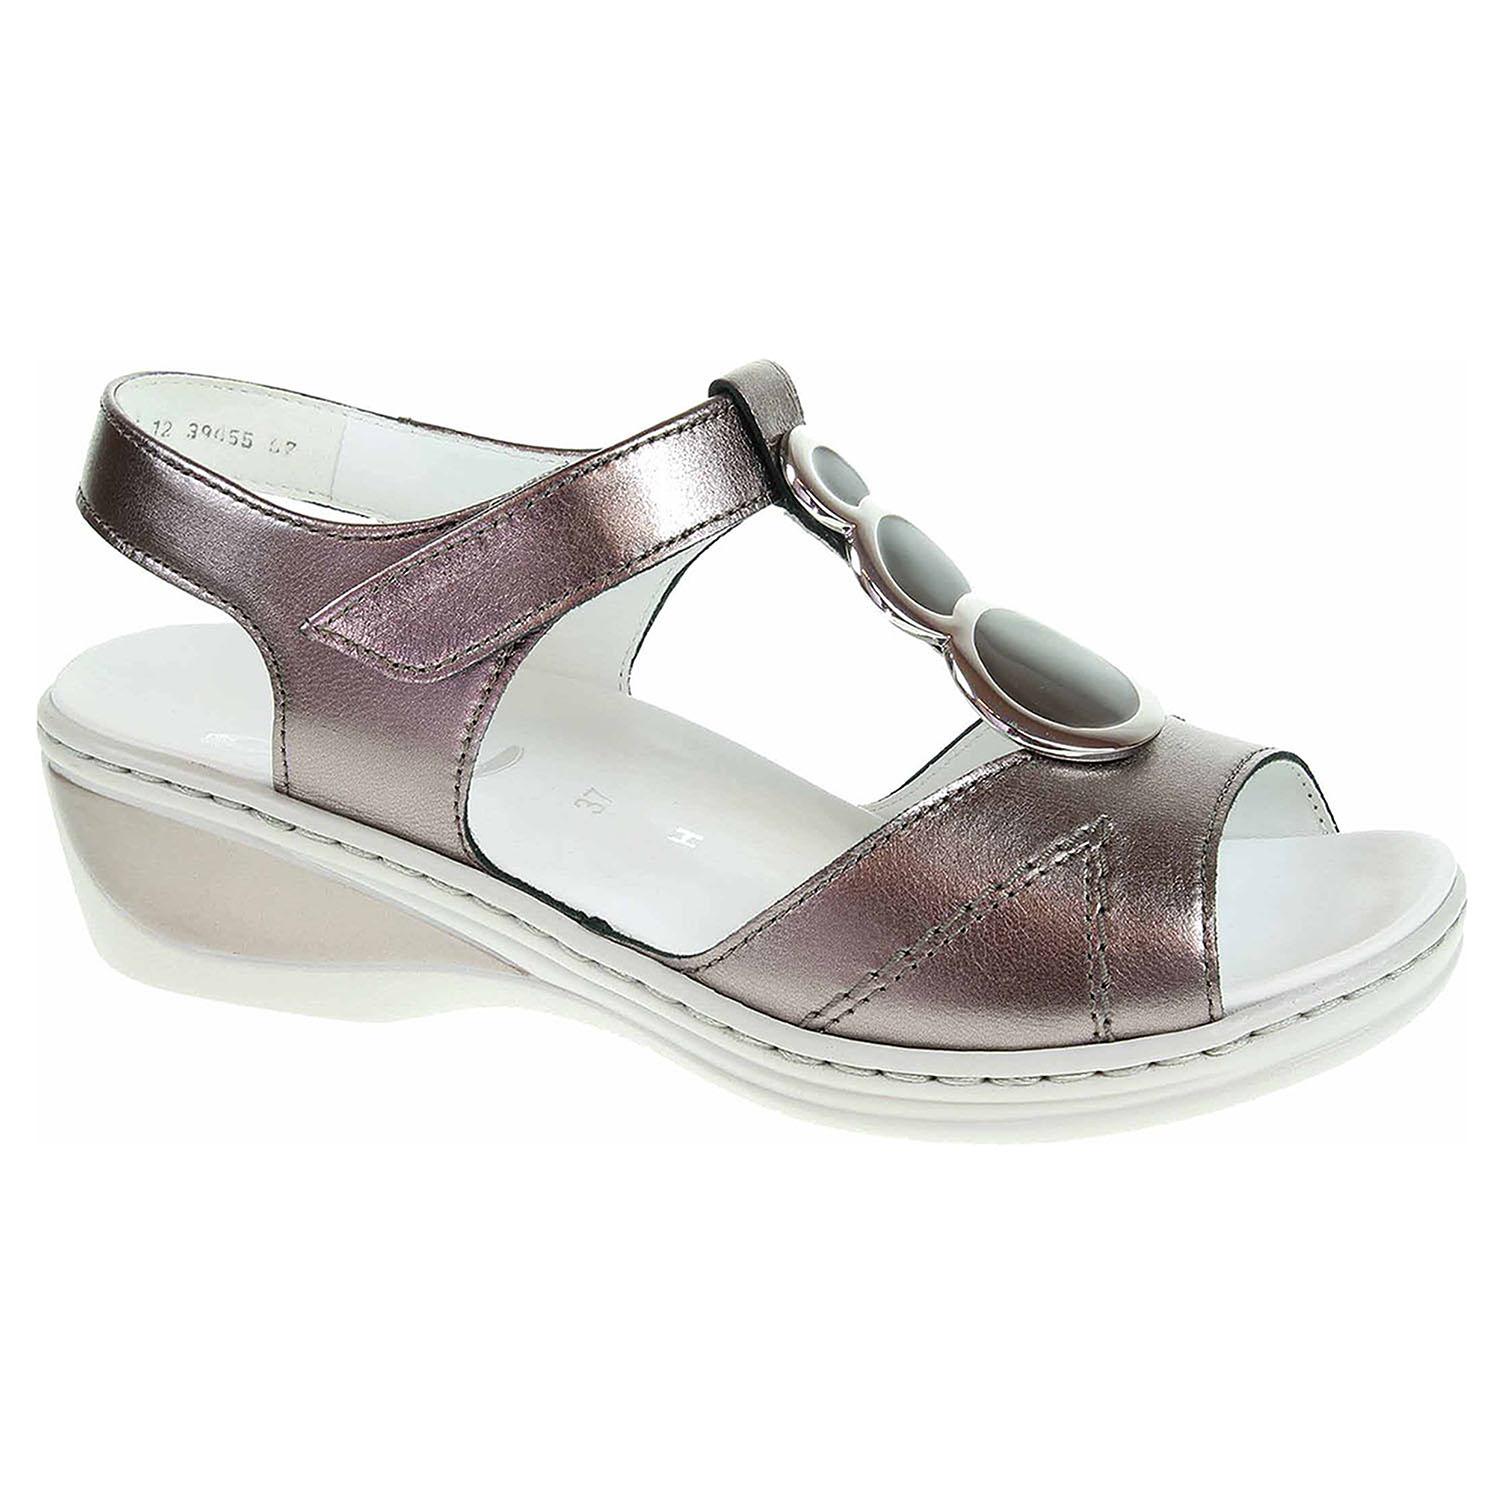 39055-07 street dámské sandály, H šíře, klínek, s.zip